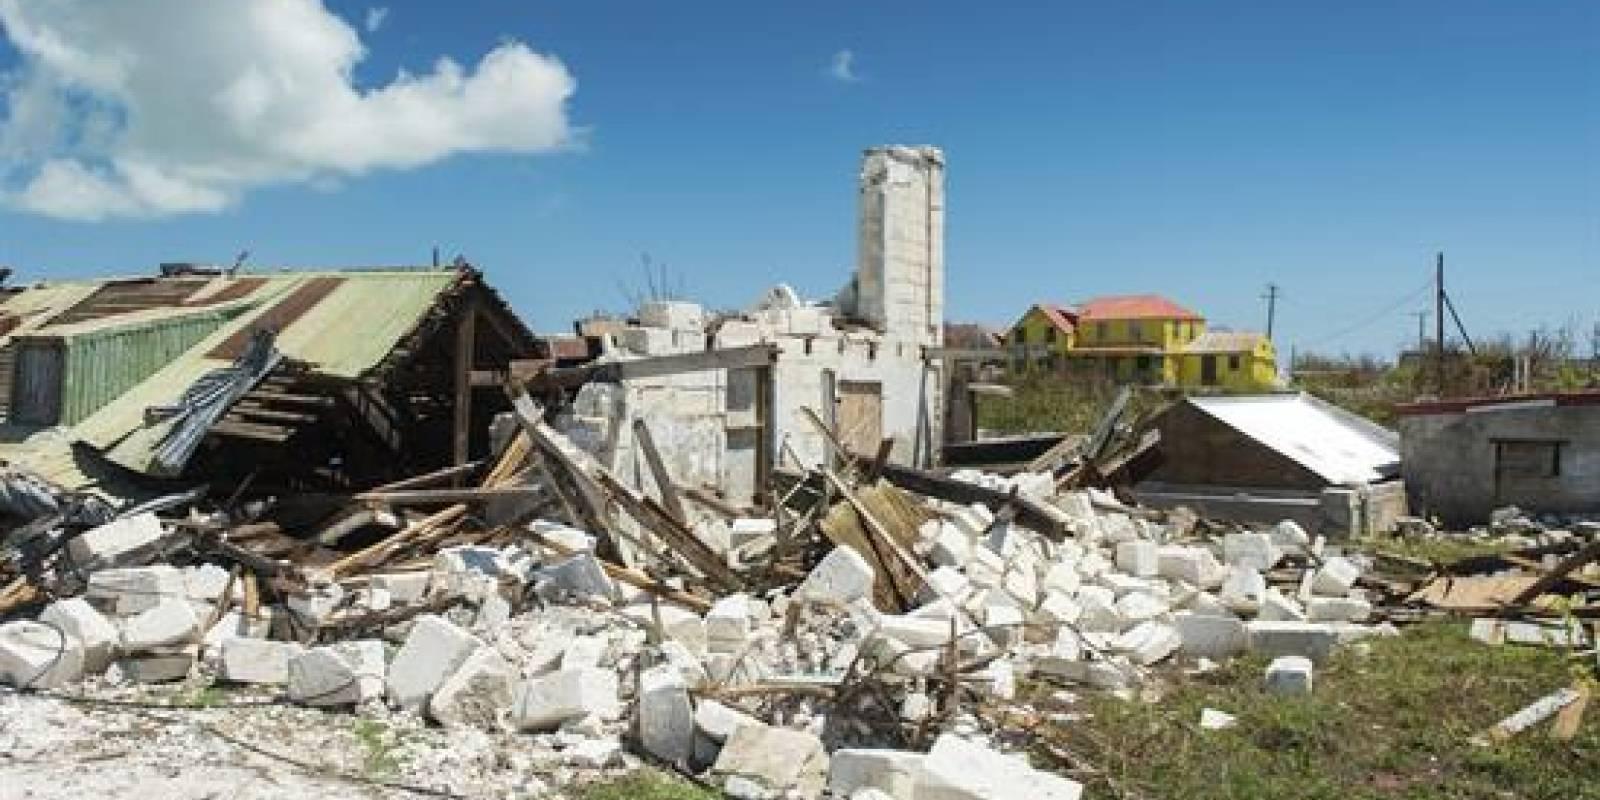 Inundaciones y corte total de energía en Puerto Rico — Huracán María